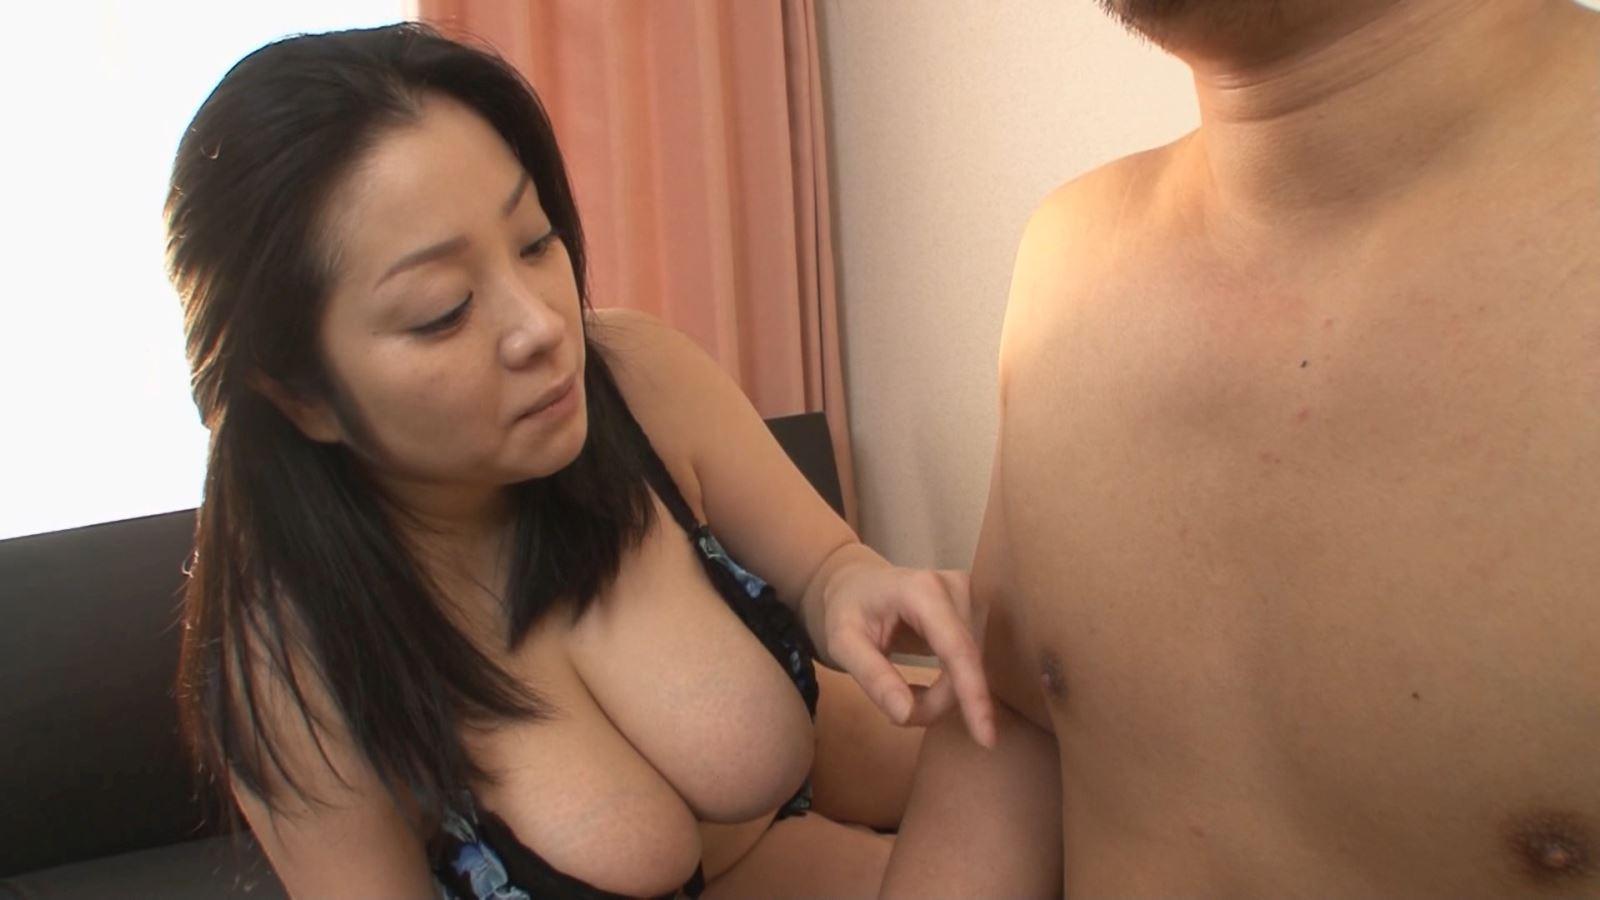 小向美奈子 無修正 第二弾 セックス 画像 5